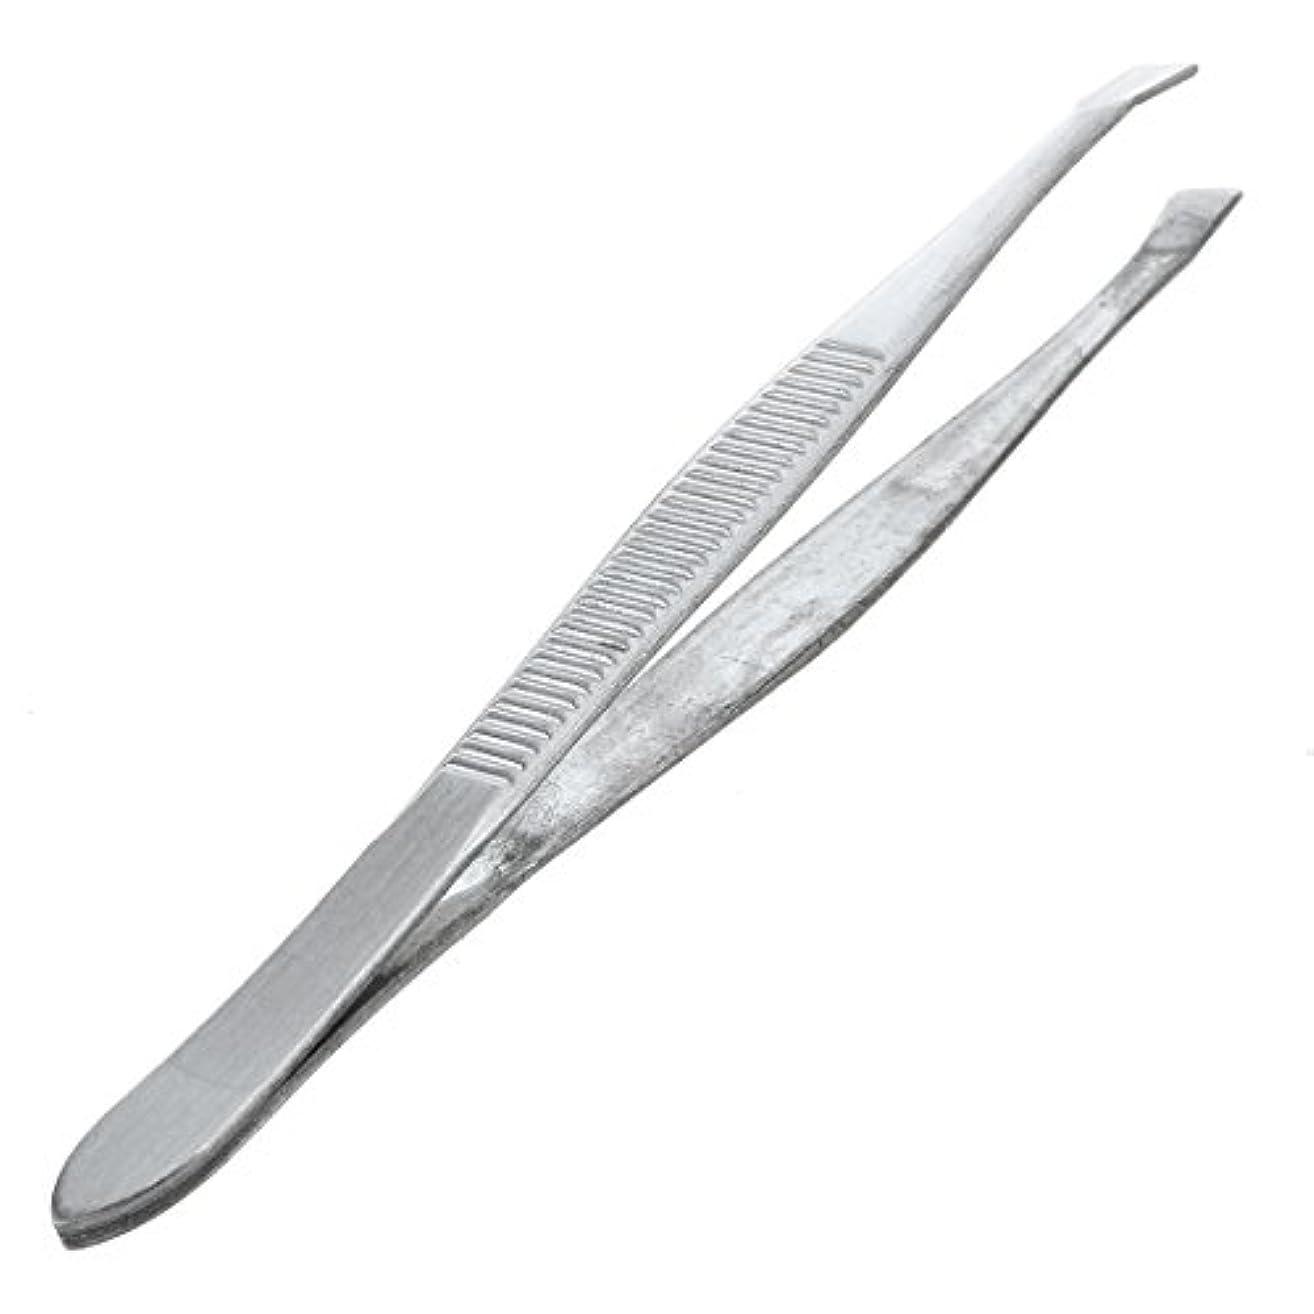 アフリカ人残る収益ACAMPTAR 眉毛ピンセット 脱毛チップ 炭素鋼 傾斜 9cm シルバーカラー